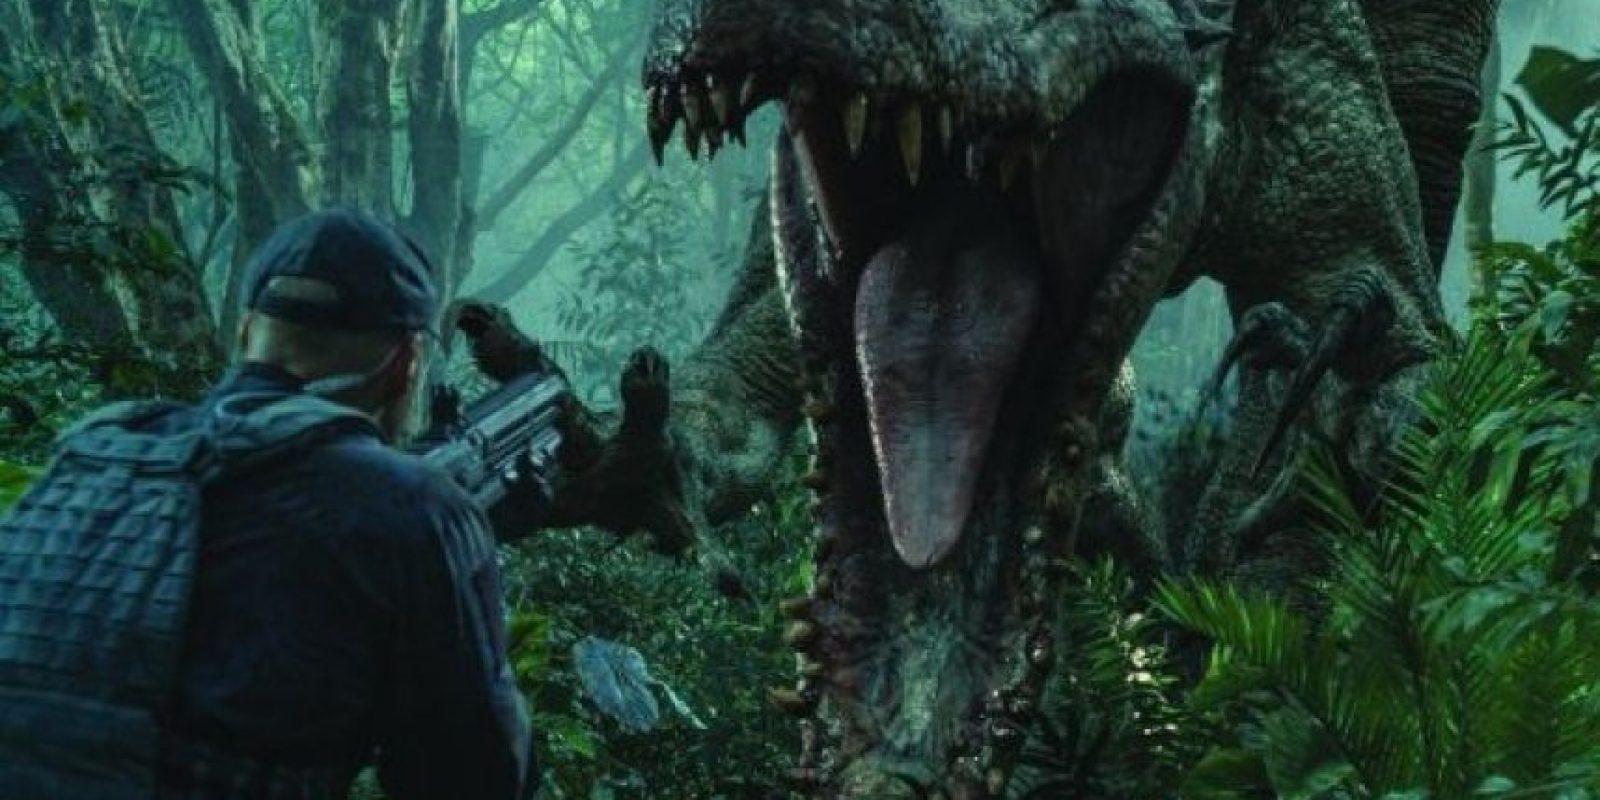 """2. Justo antes de emboscar a un """"Indominus Rex"""", el soldado lleva un rifle con mira. Sin embargo, en la siguiente toma lleva una lanza, este error se repite aproximadamente cuatro veces. Foto:Universal Pictures"""